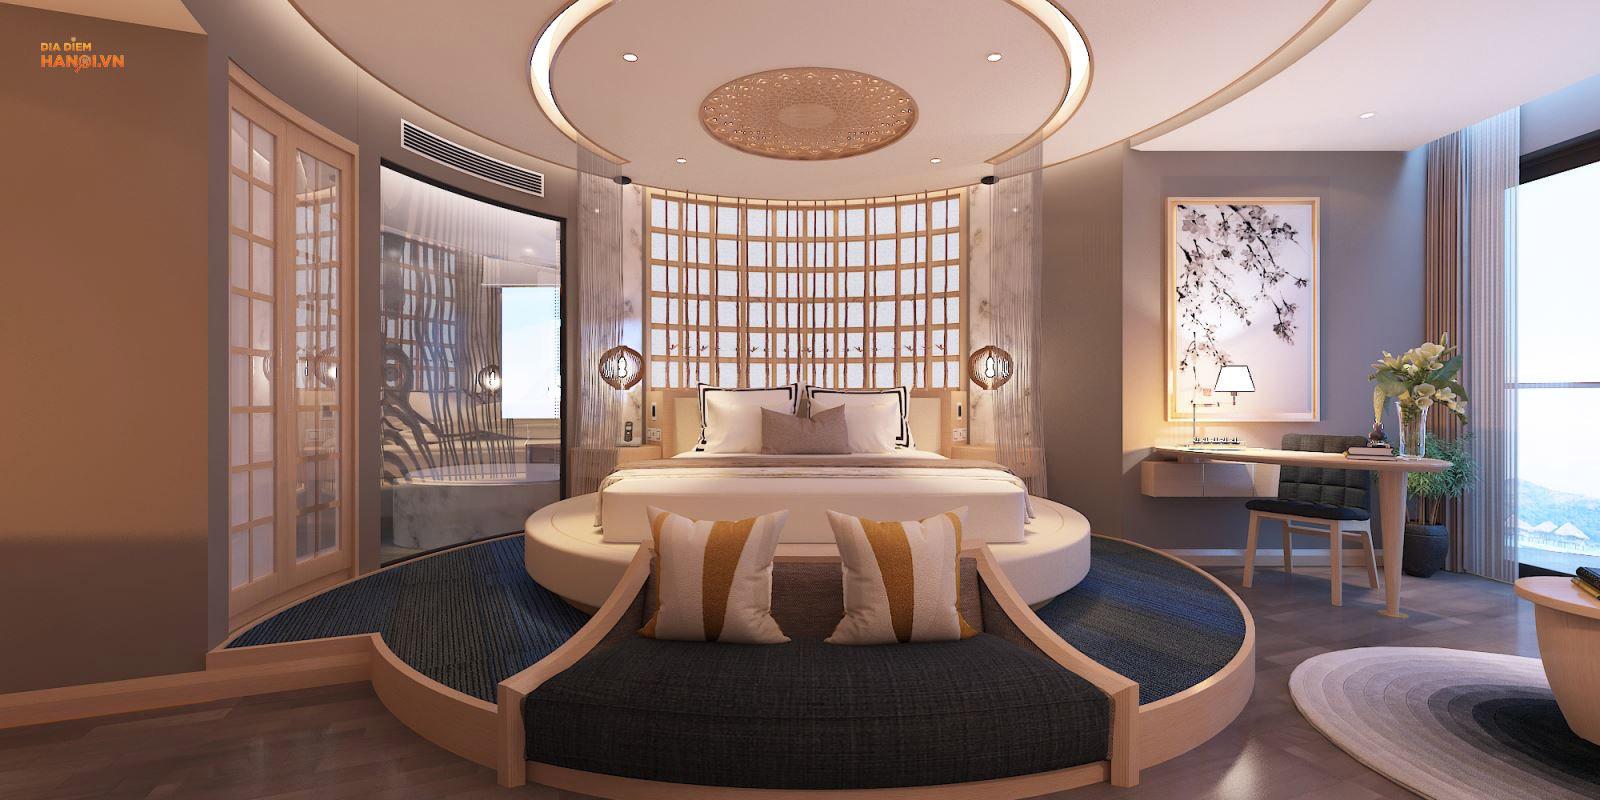 Khách sạn hiện đại Hà Nội